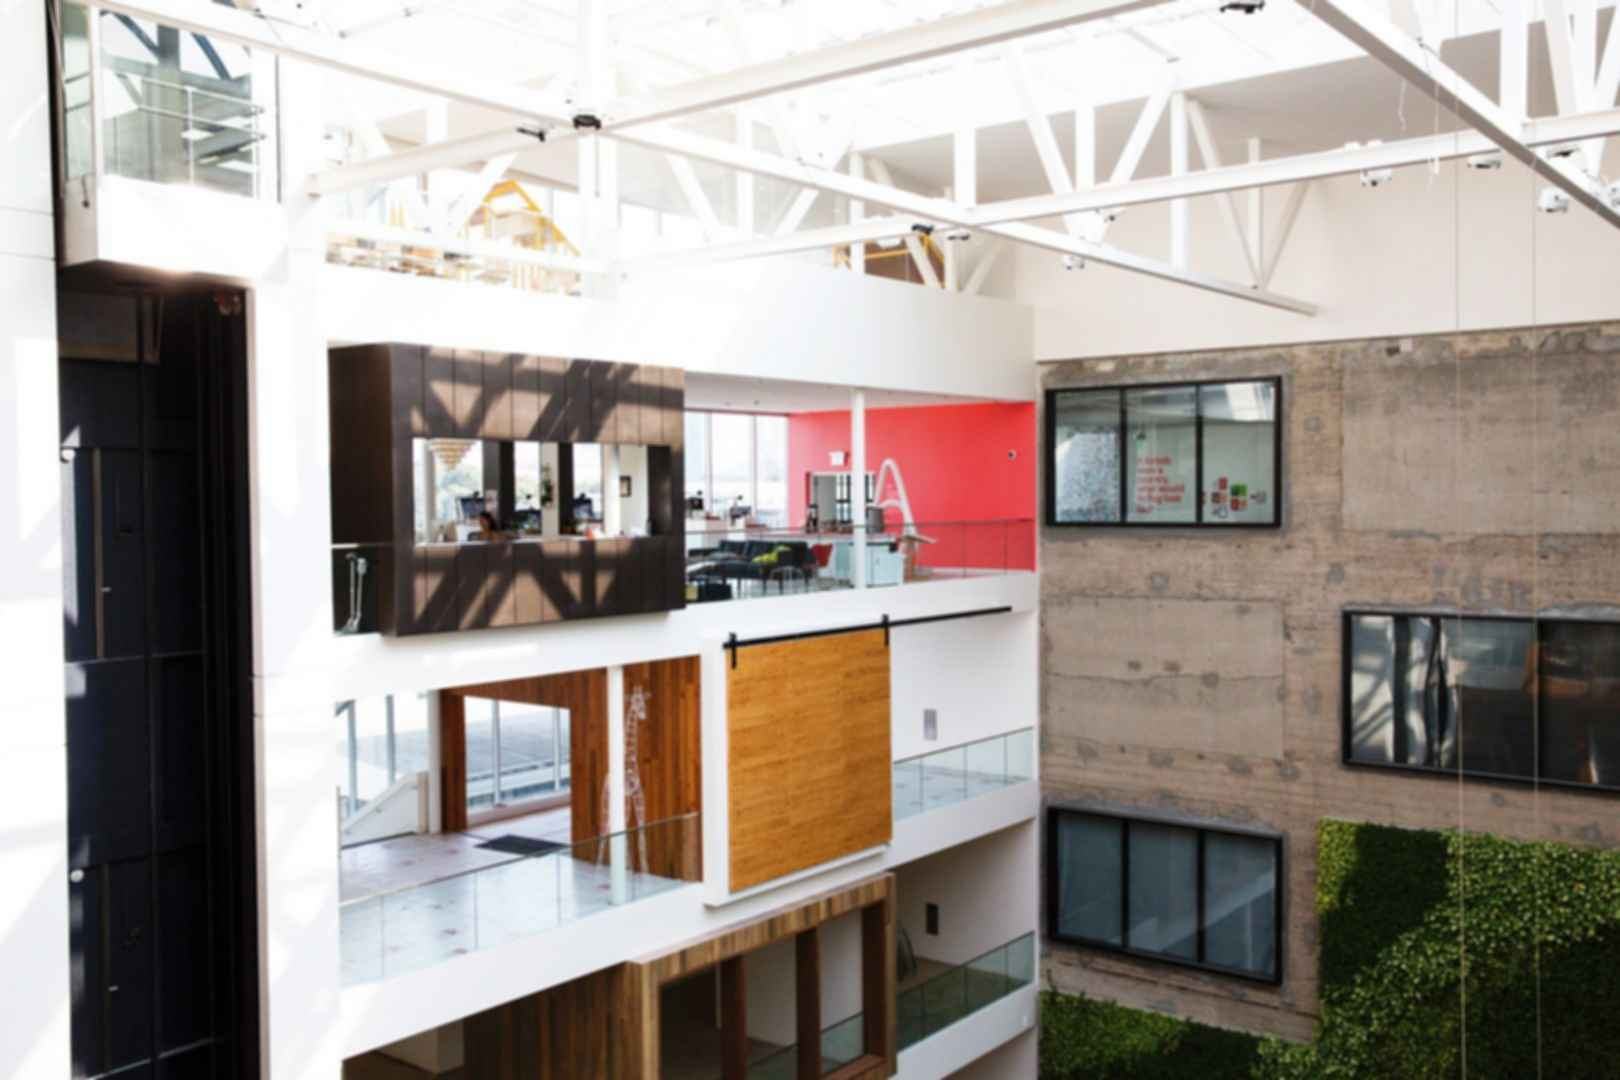 Airbnb Headquarters - Interior